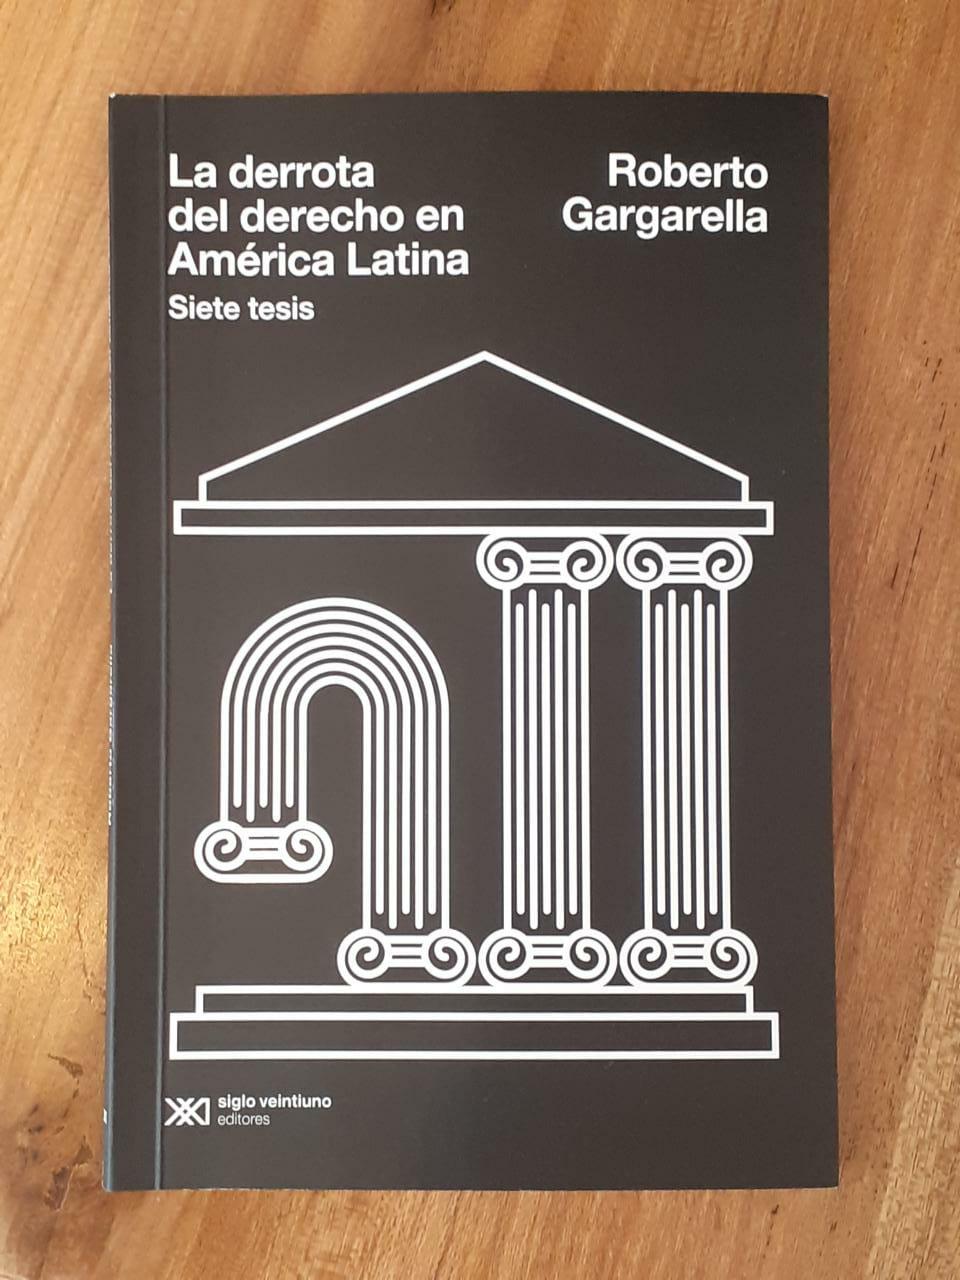 Muchas derrotas y una esperanza (dialógica). A propósito de La Derrota del Derecho en América Latina de Roberto Gargarella